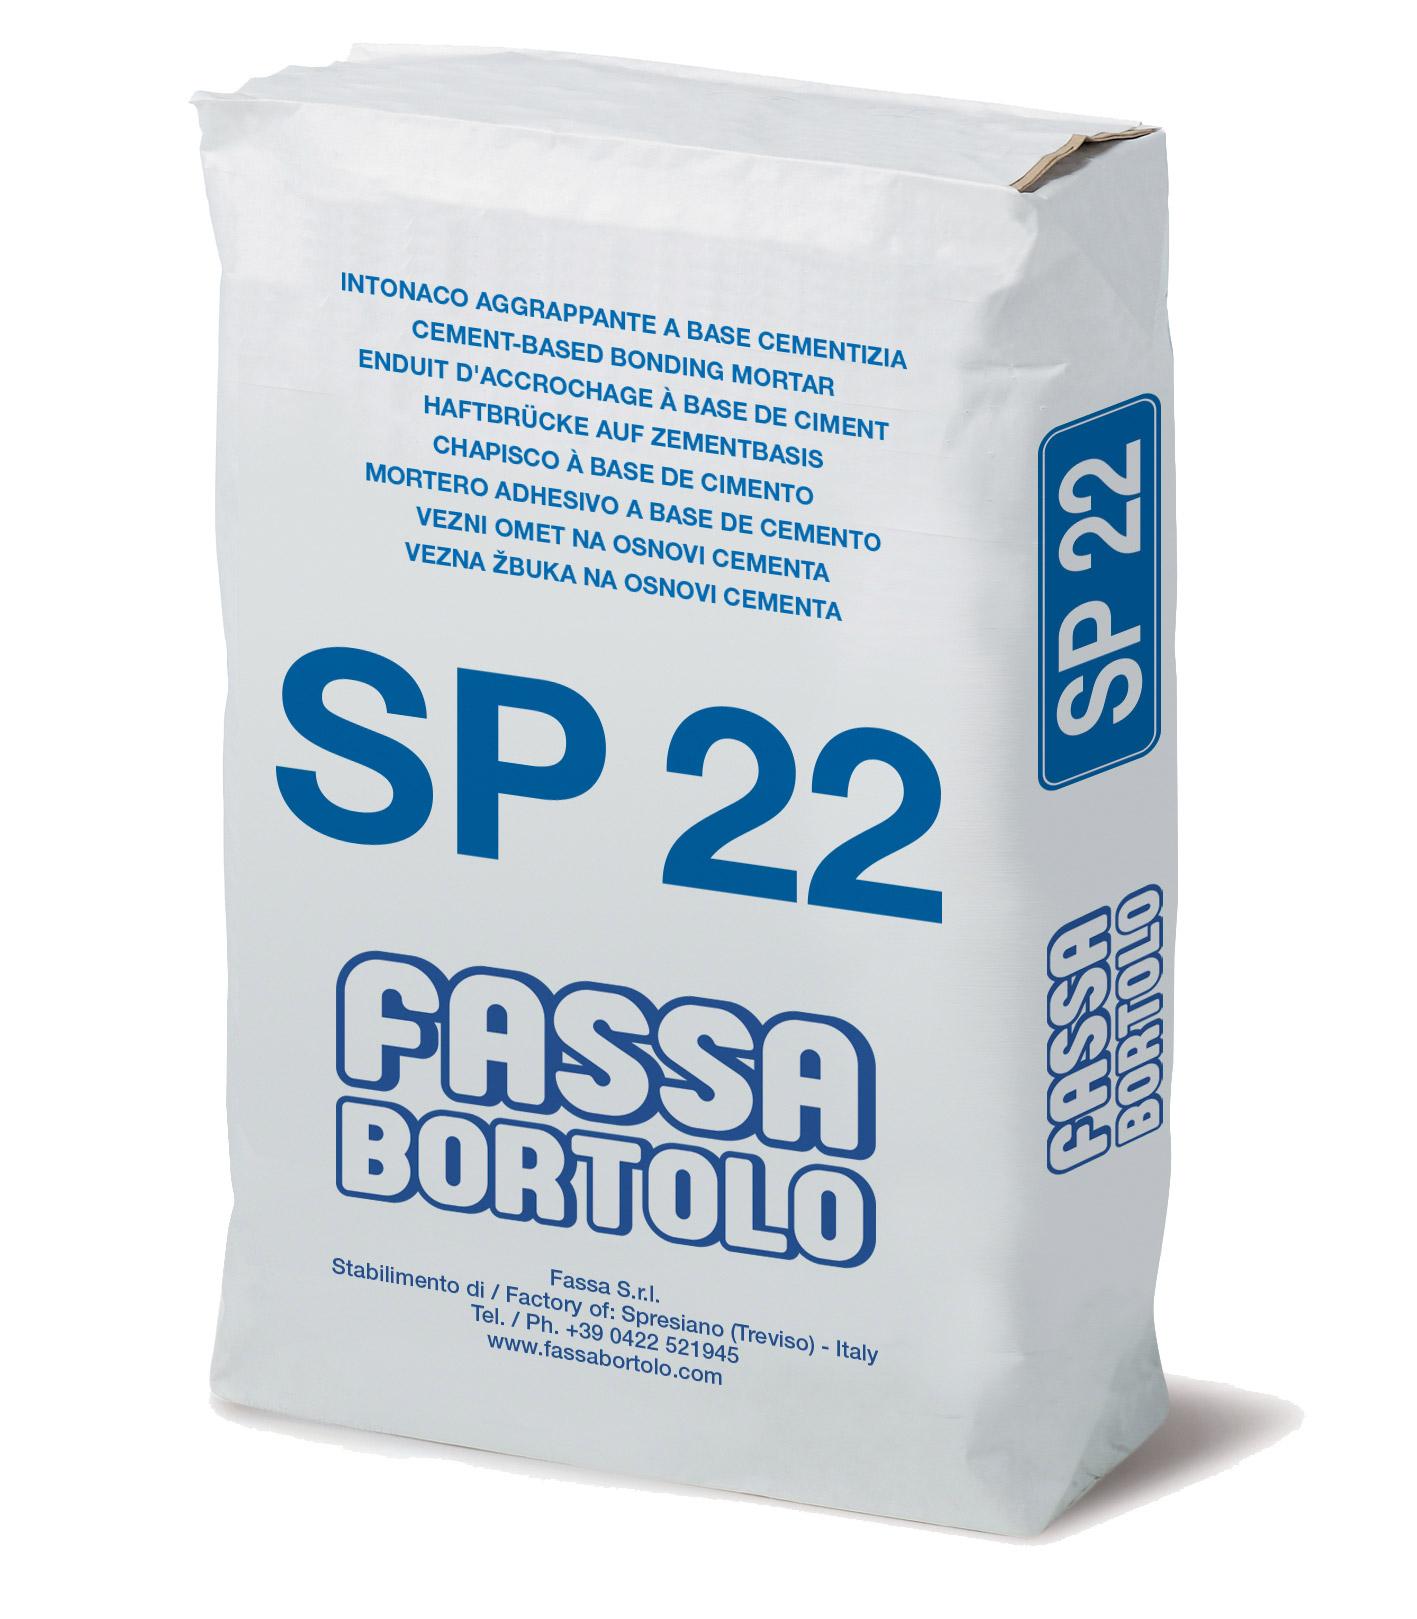 SP 22: Rinzaffo a base cementizia per superfici in calcestruzzo, ad elevate prestazioni, per esterni e interni